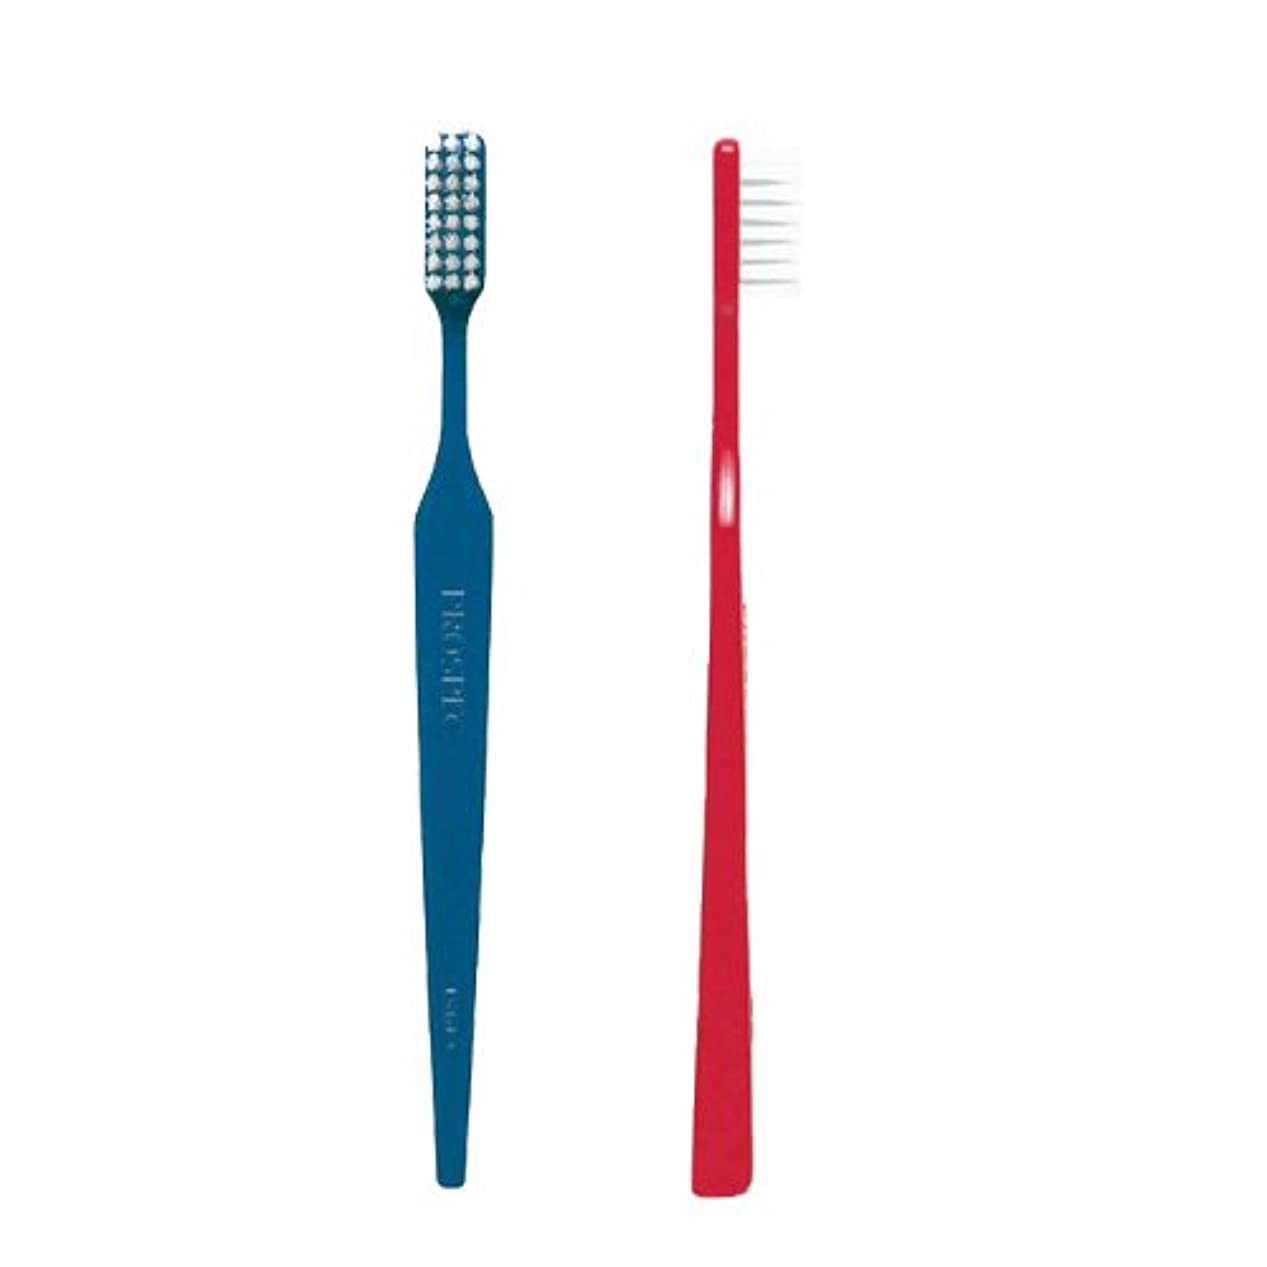 助けになる百科事典ファイナンスGC ジーシープロスペック歯ブラシ アダルト× 5本セット H(かため)